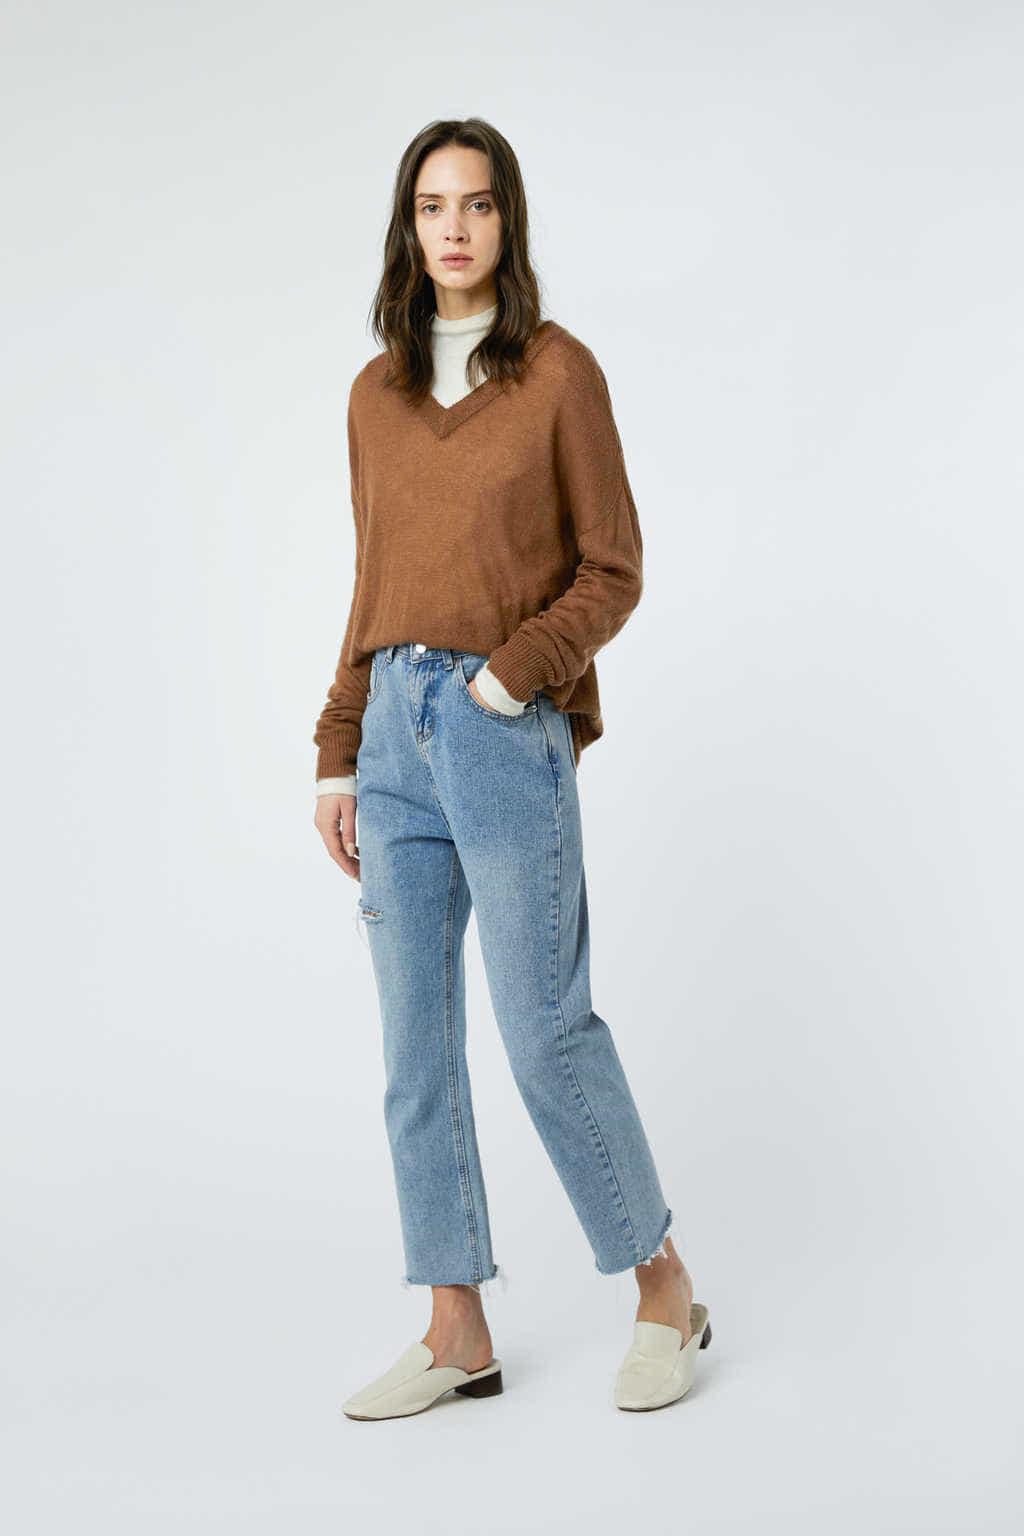 Sweater 2980 Tan 7